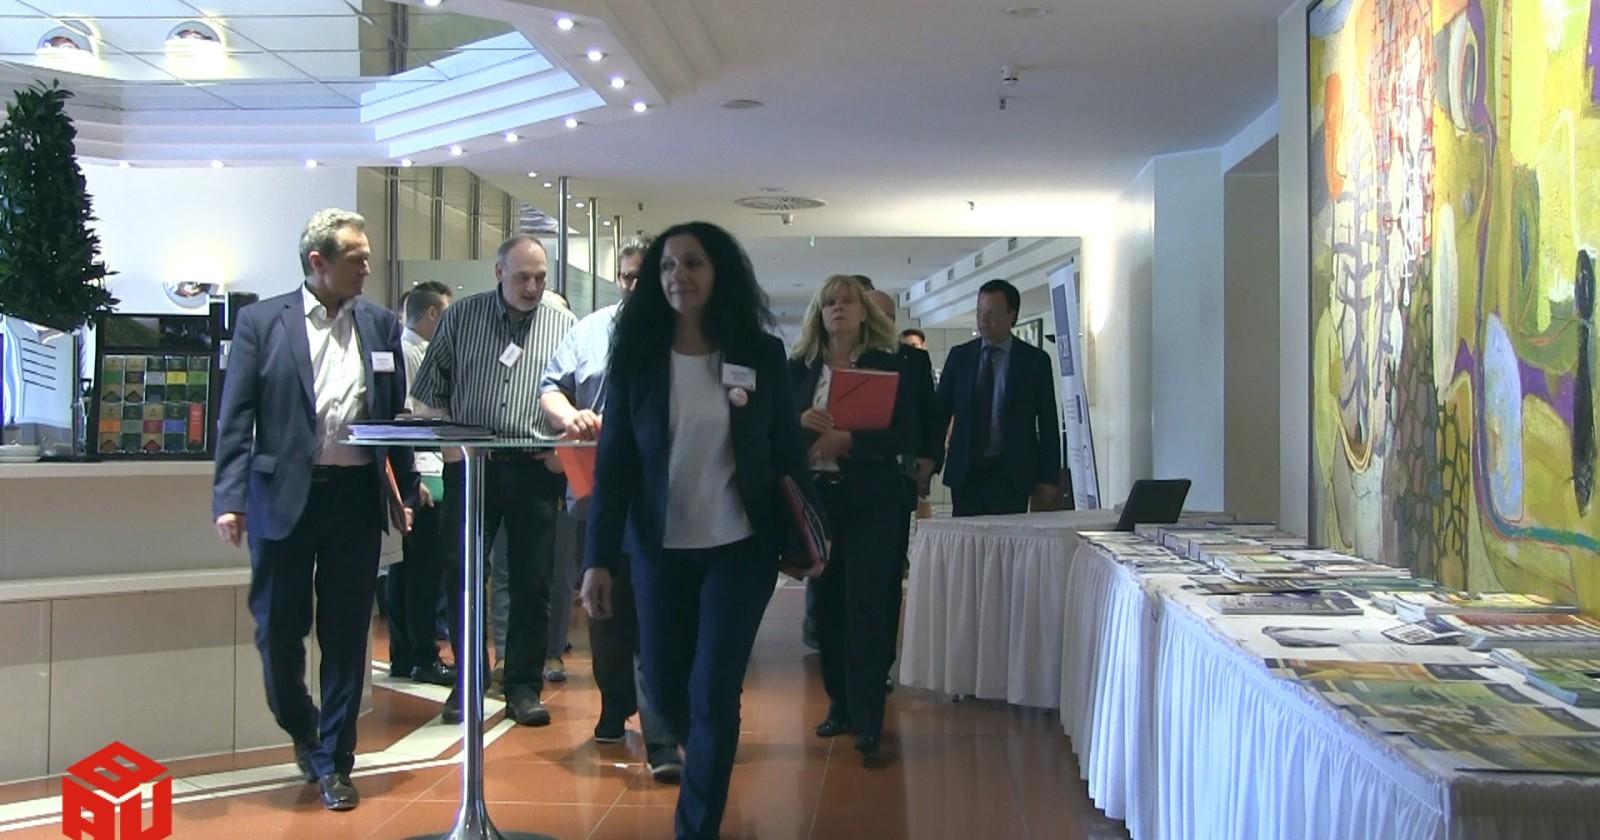 Video: Tarifrunde 2017 in der Gebäudereinigung - Arbeitgeber blockieren weiter